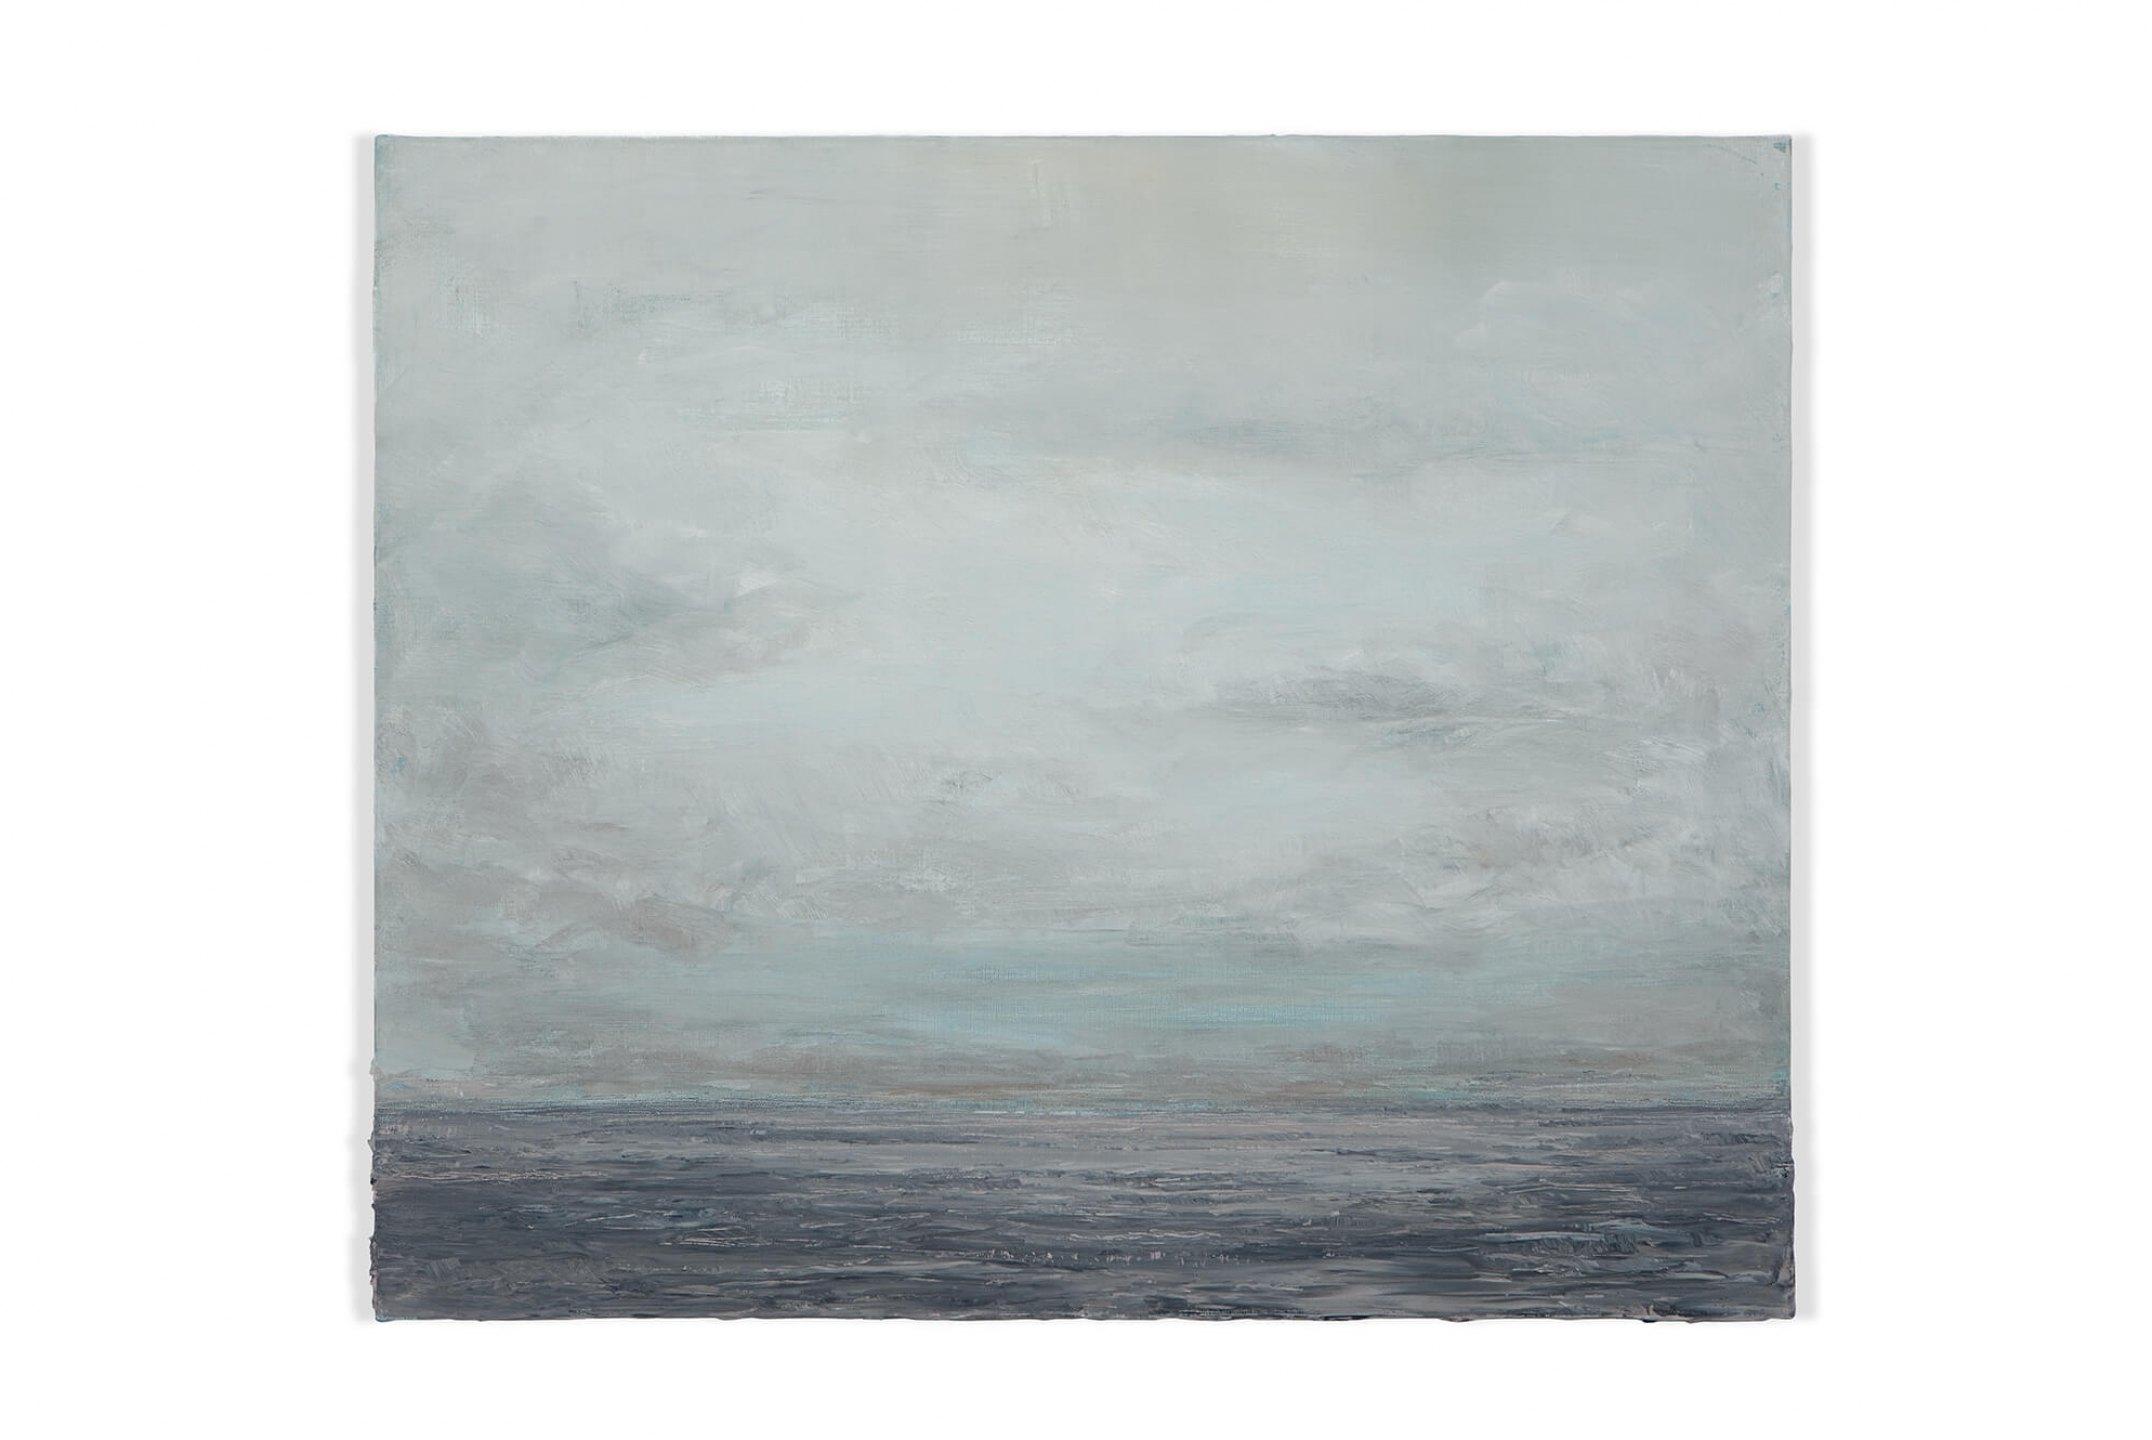 Lucas Arruda,&nbsp;<em>untitled</em>, 2012, oil on canvas, 50 × 60 × 2,5 cm - Mendes Wood DM